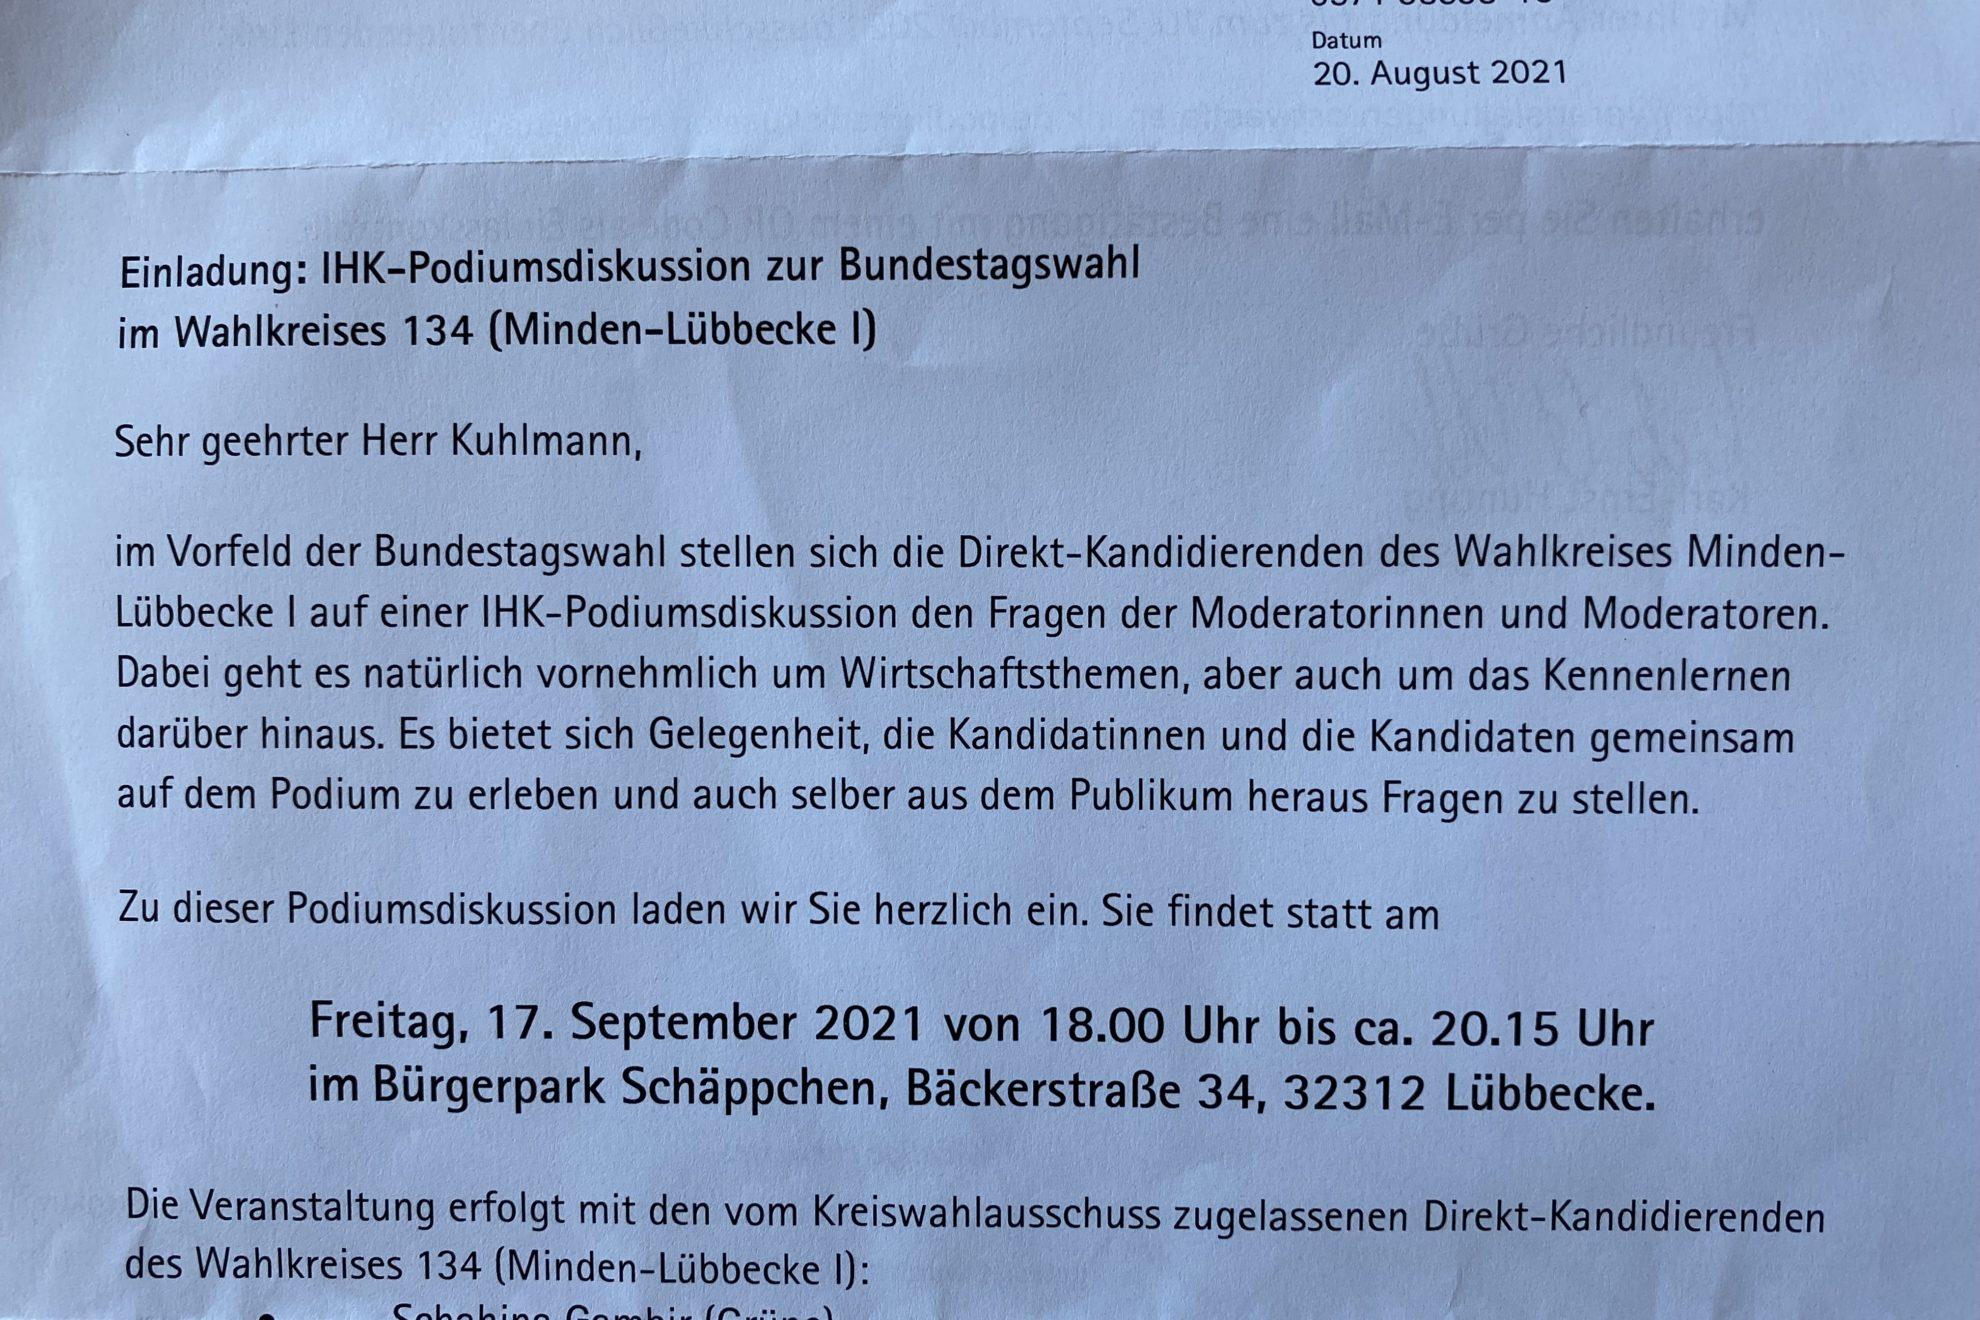 IHK-Podiumsdiskussion zur Bundestagswahl